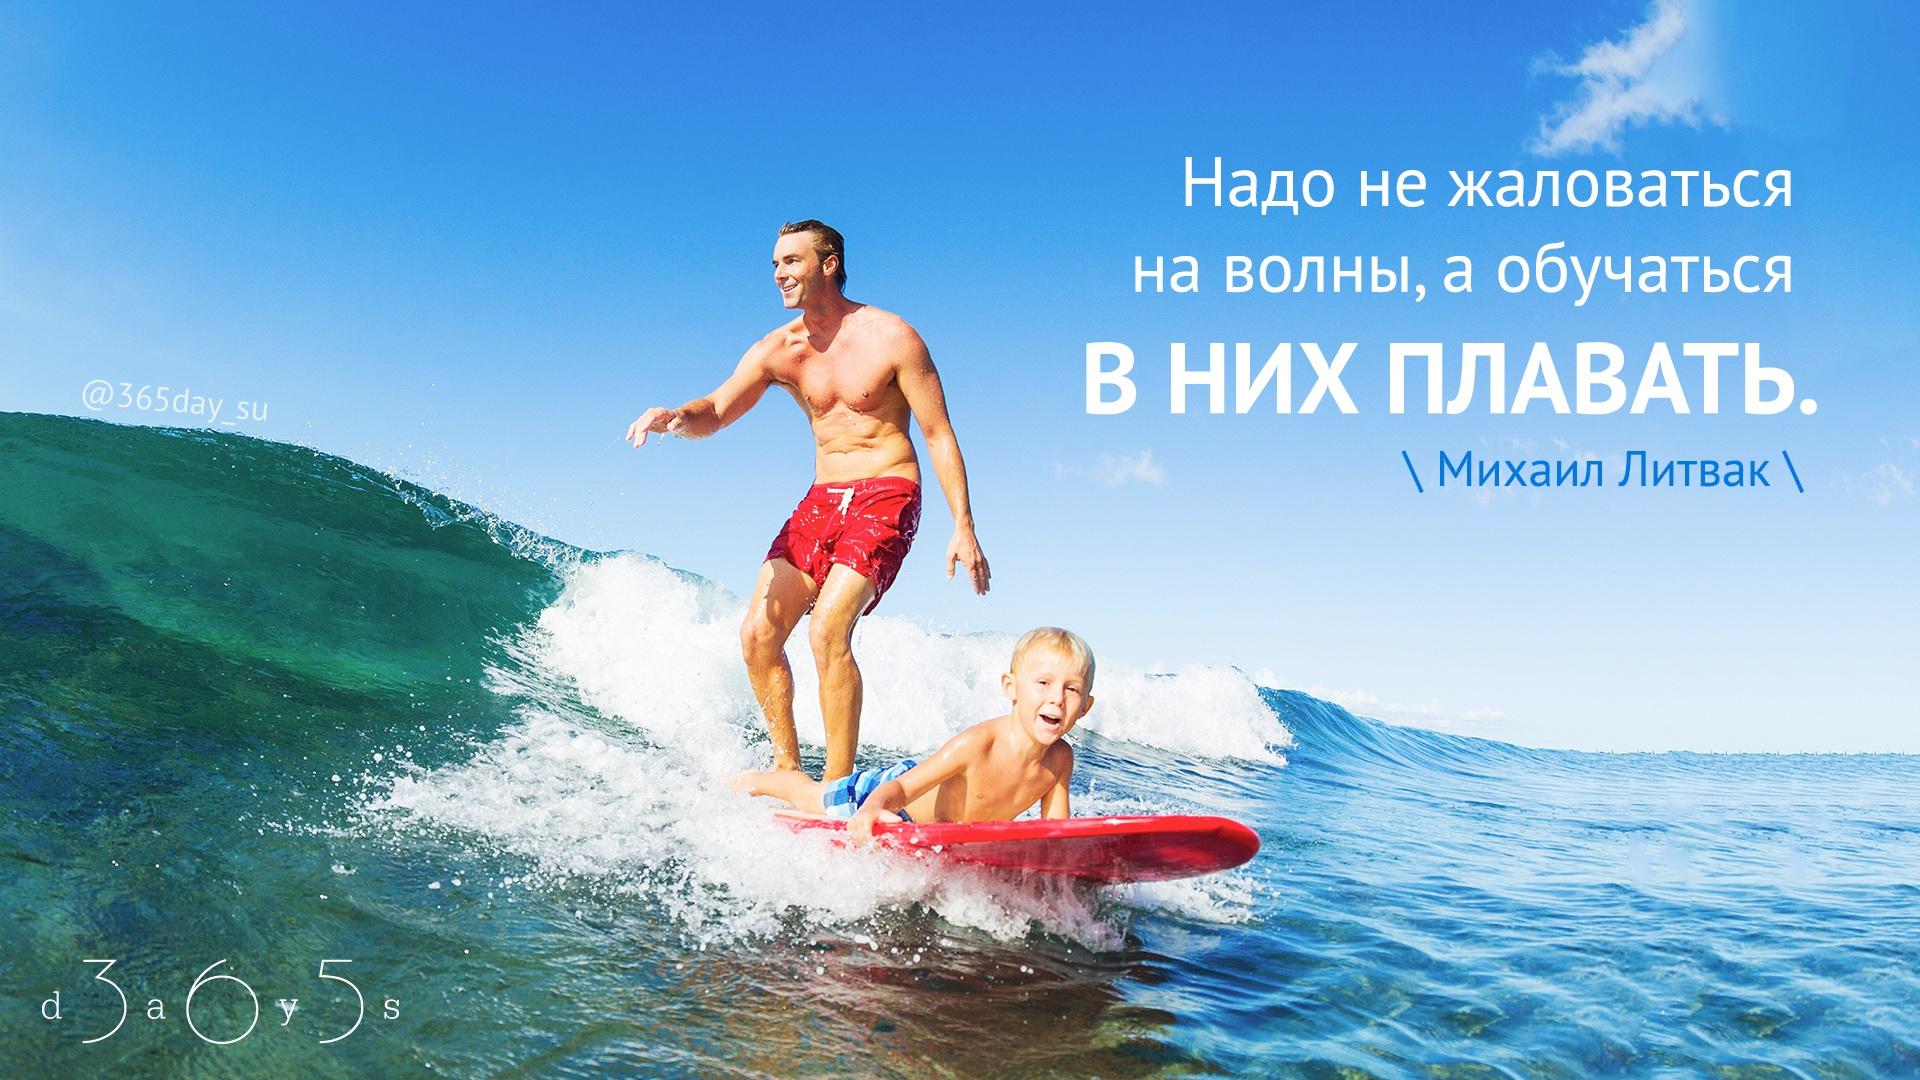 Надо не жаловаться на волны, а обучаться в них плавать. Михаил Литвак.